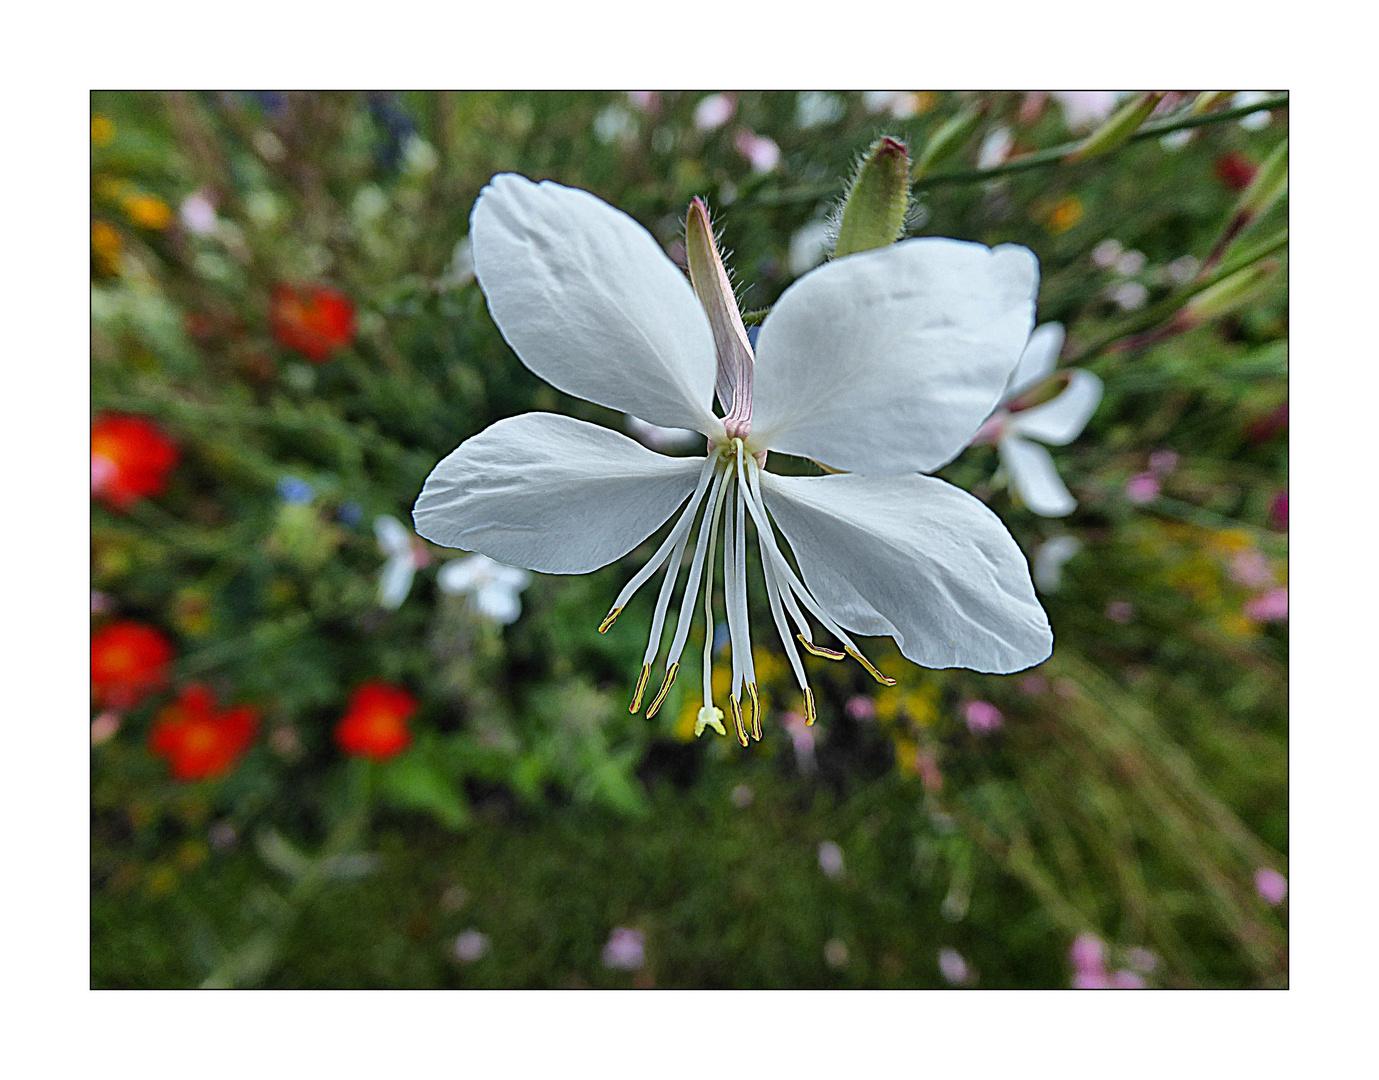 Mittwochsblümchen- Wie ein weißer Schmetterling